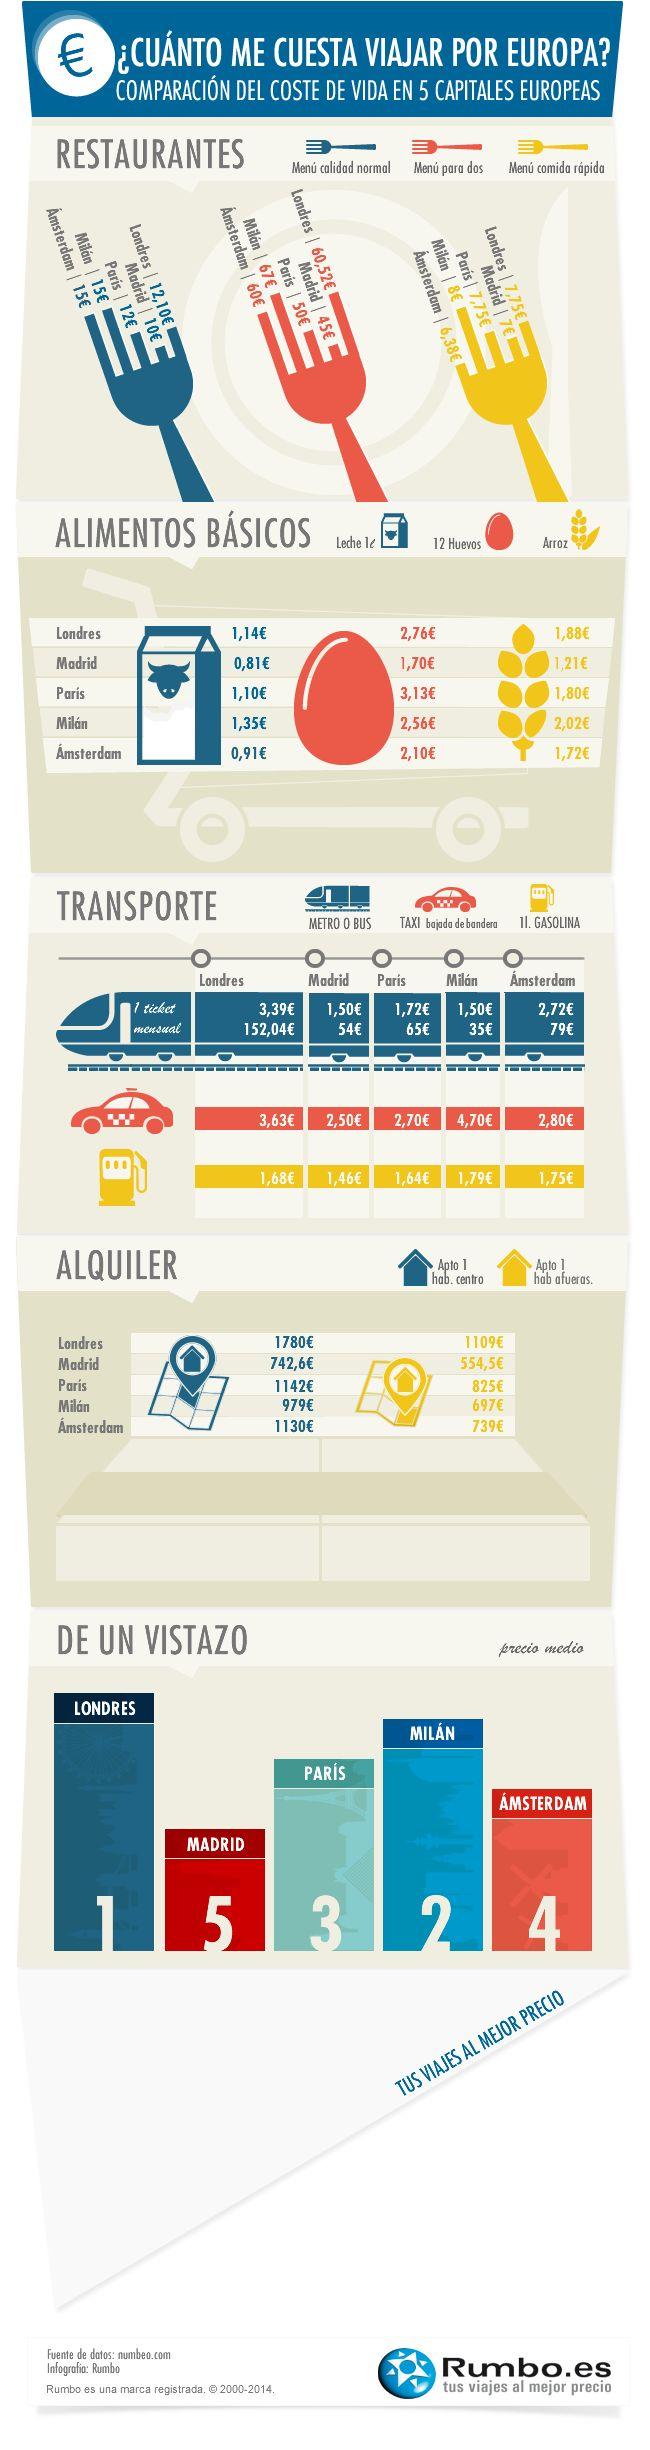 Cuánto me cuesta viajar por Europa #infografia #infographic #tourism